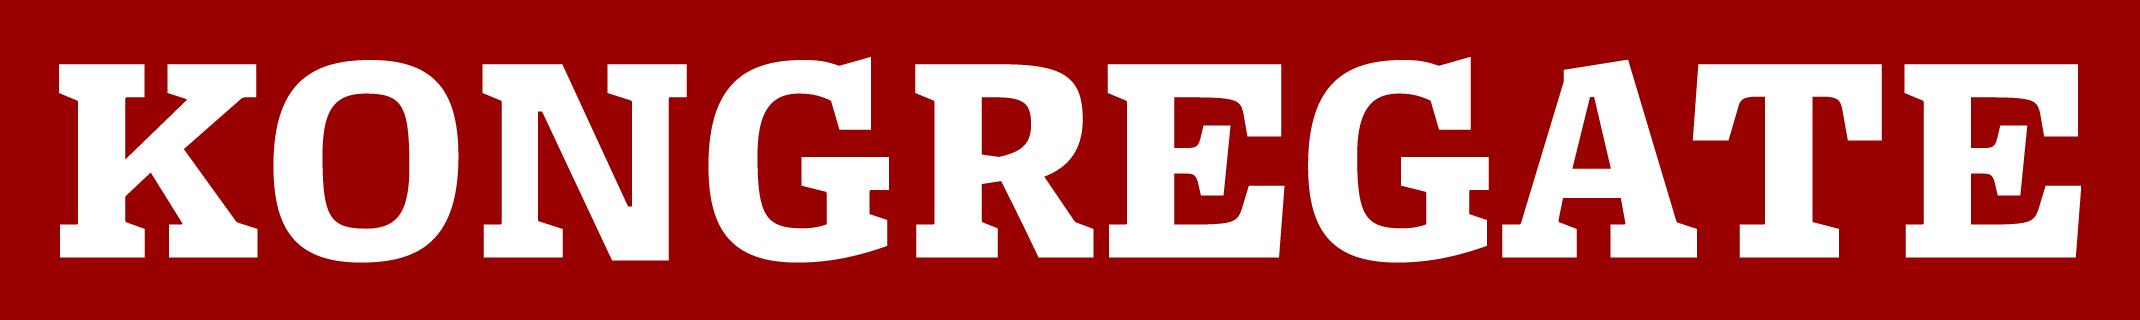 kongregate red